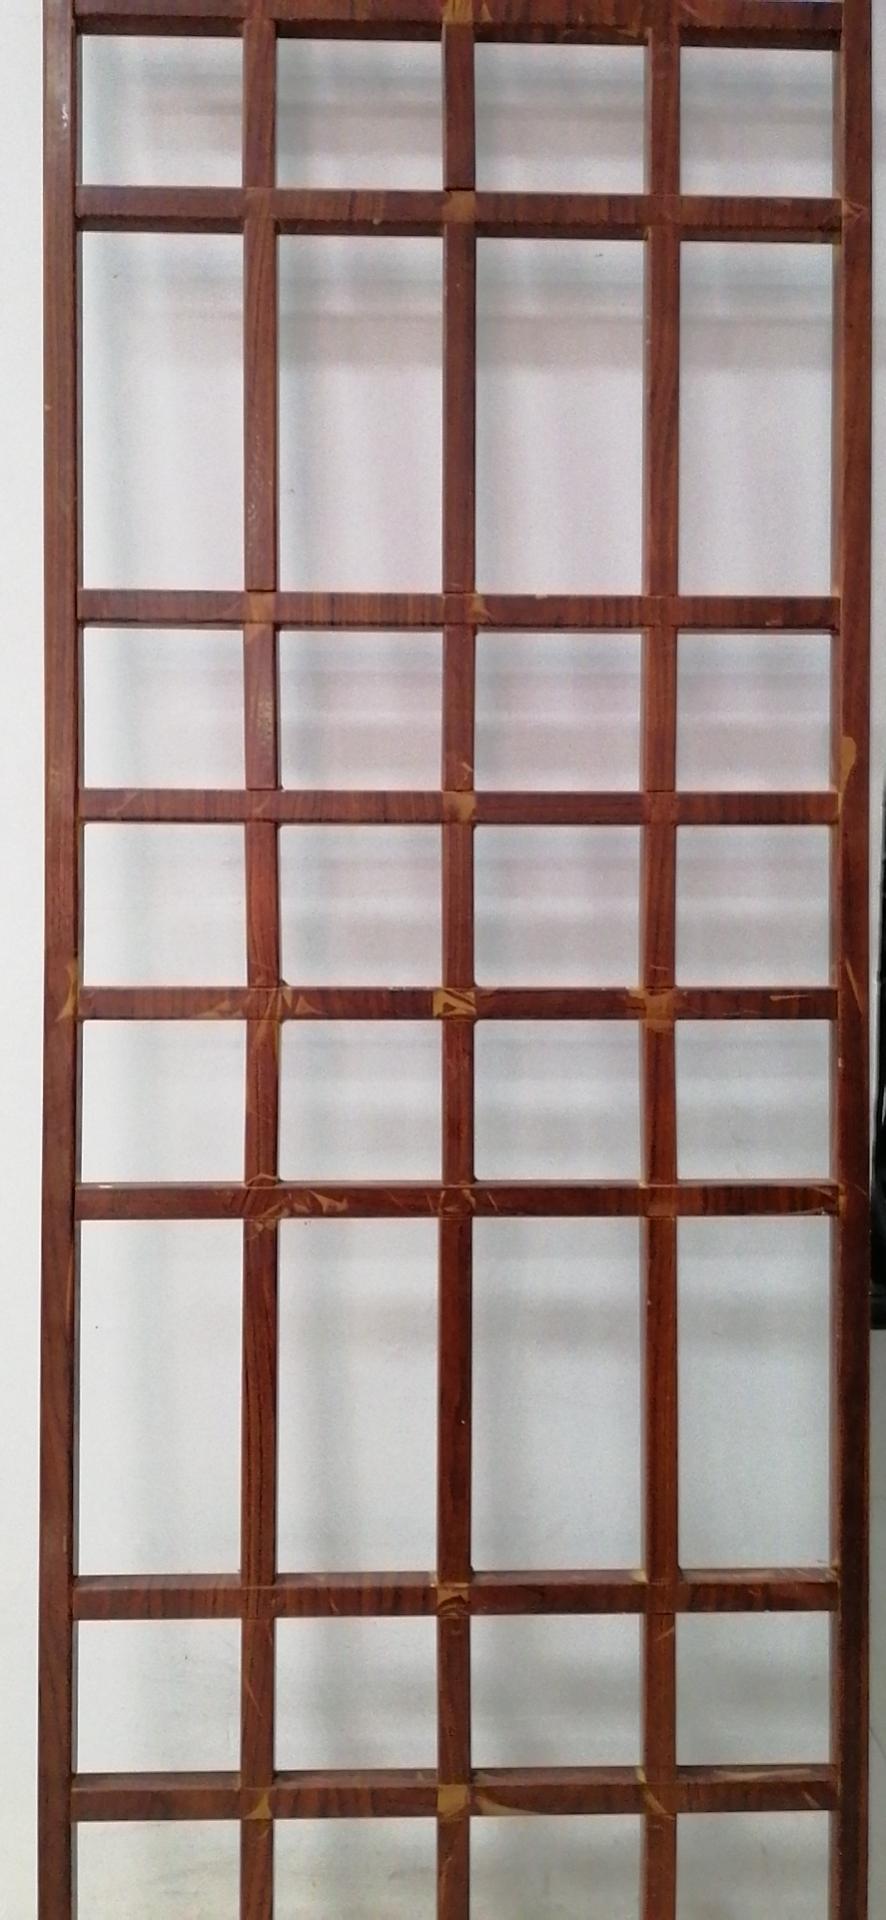 重庆市木纹转印护窗厂家批发  护窗定制报价 护窗供应商服务电话